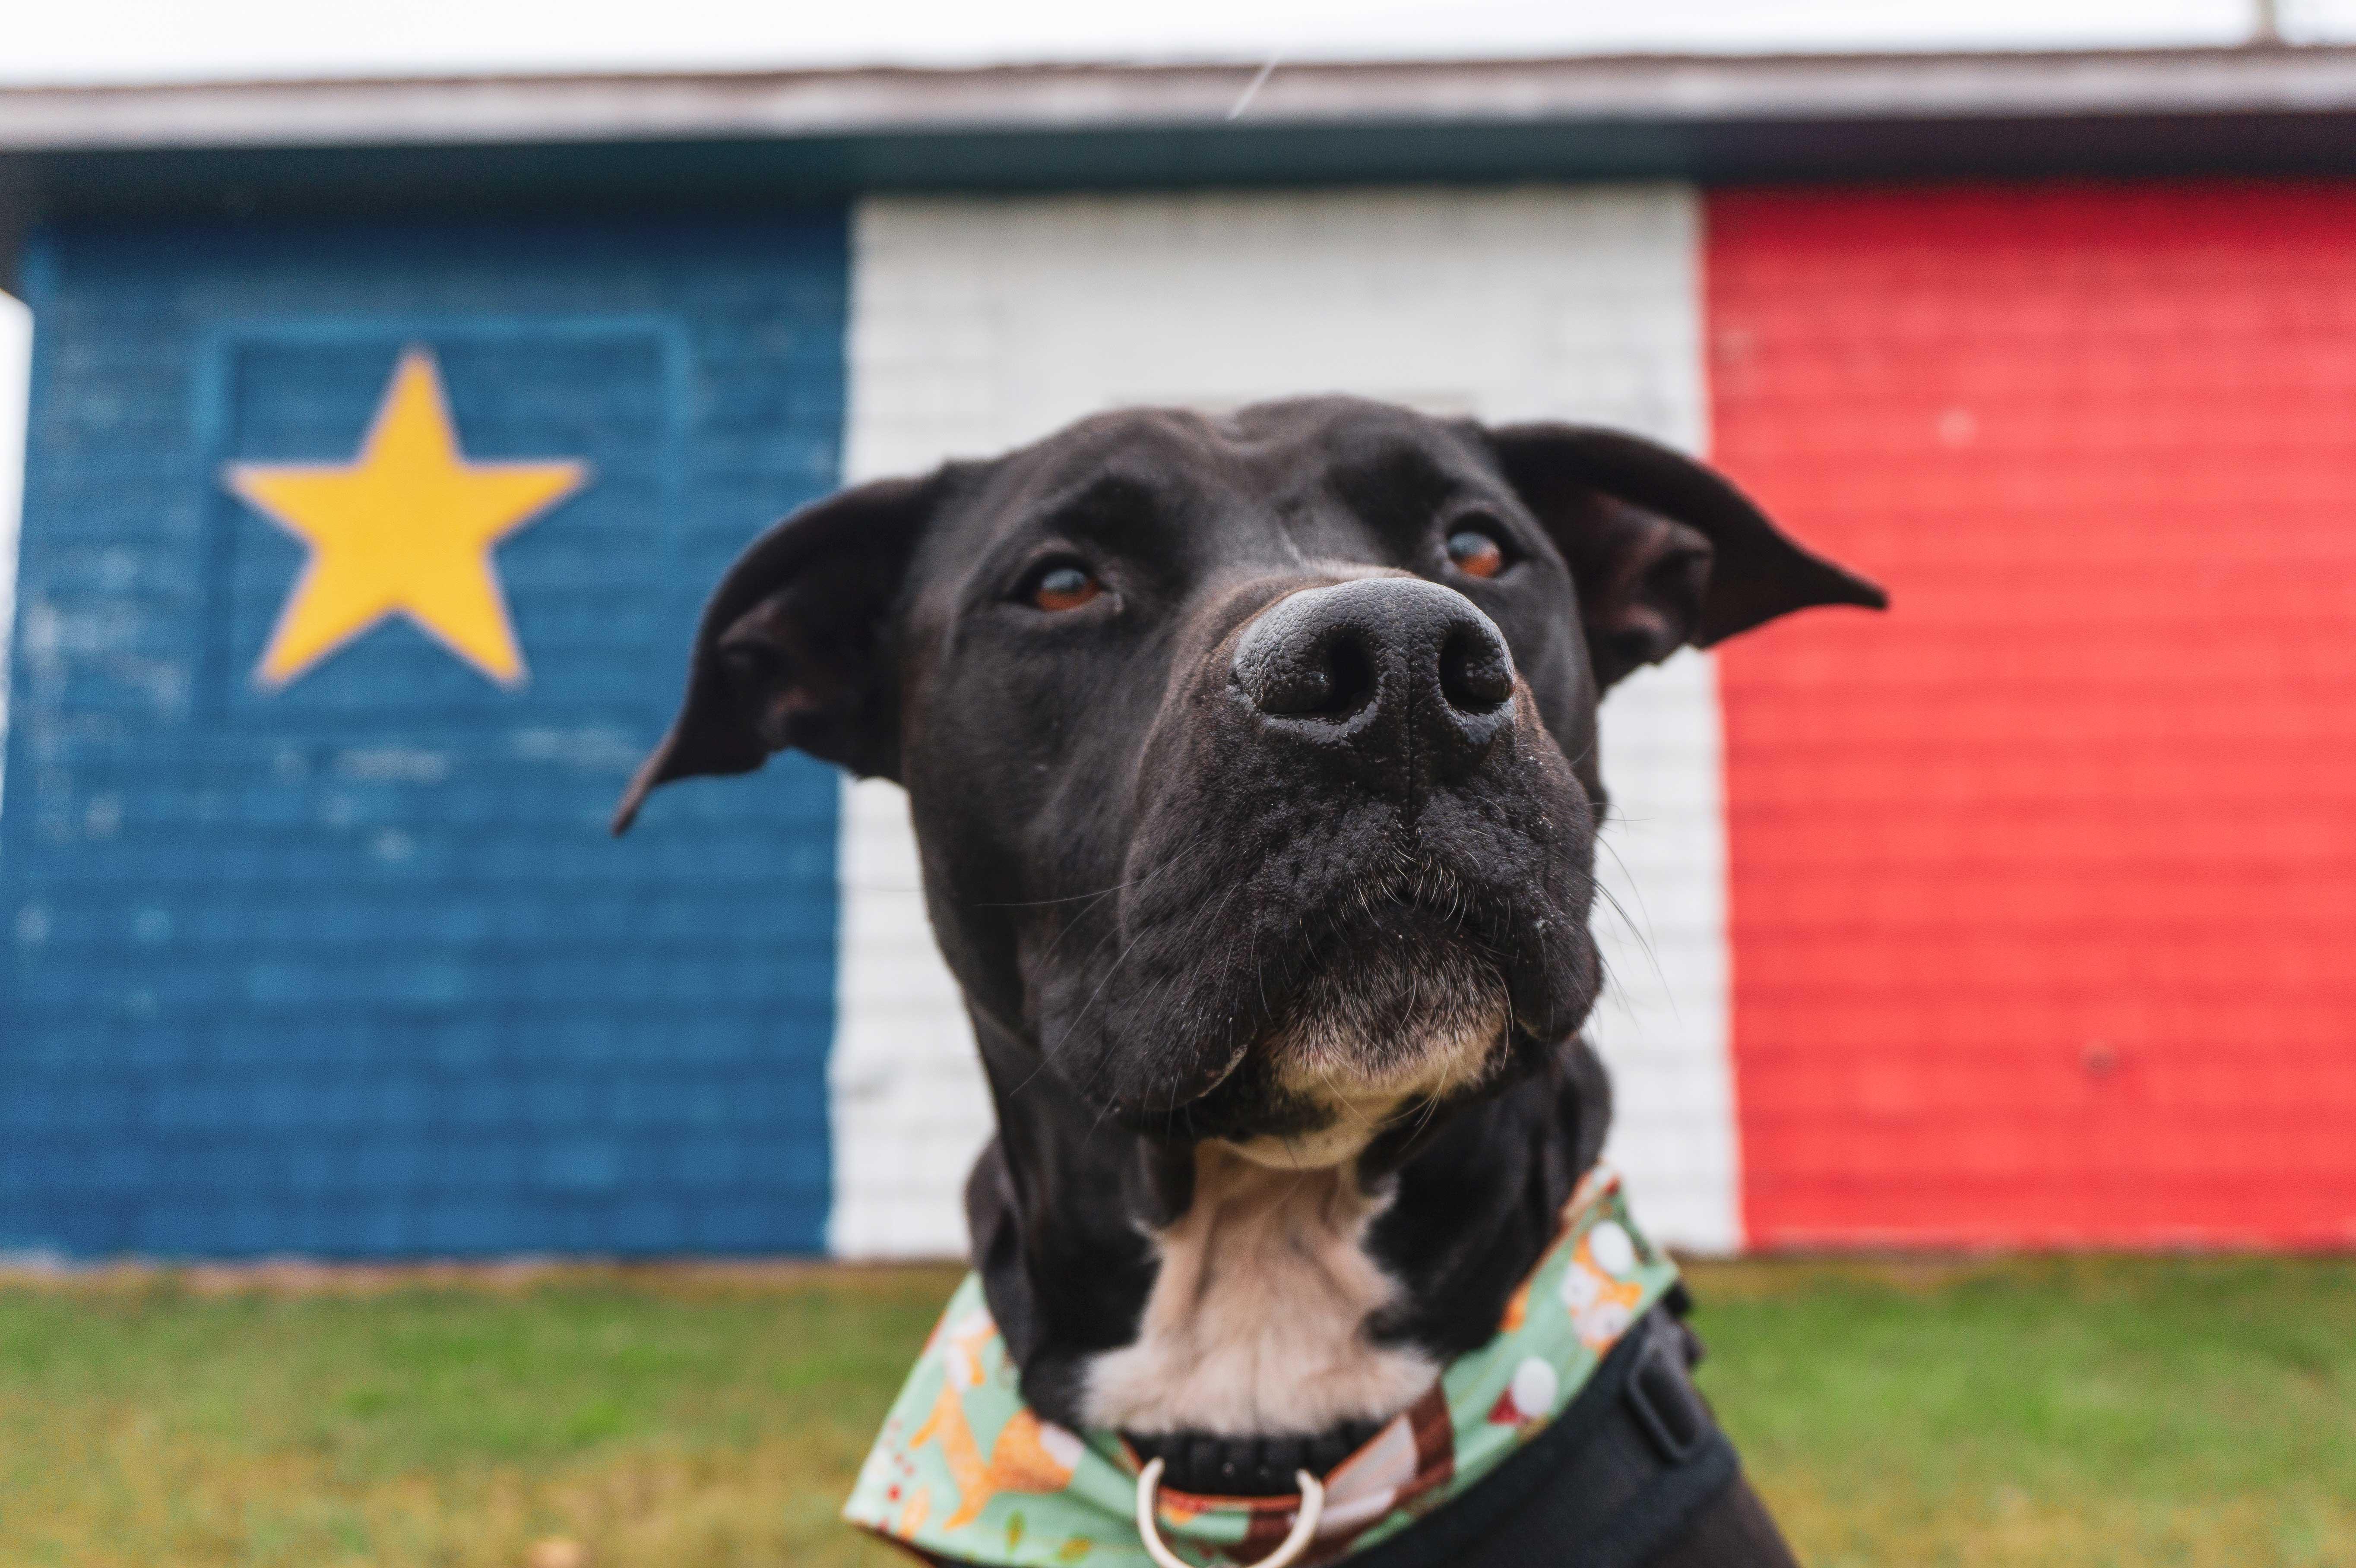 Enzo est en premier plan, il a les oreilles au vent et porte un bandana turquoise et orange. Derrière lui se trouve un bâtiment peint aux couleurs de l'Acadie.